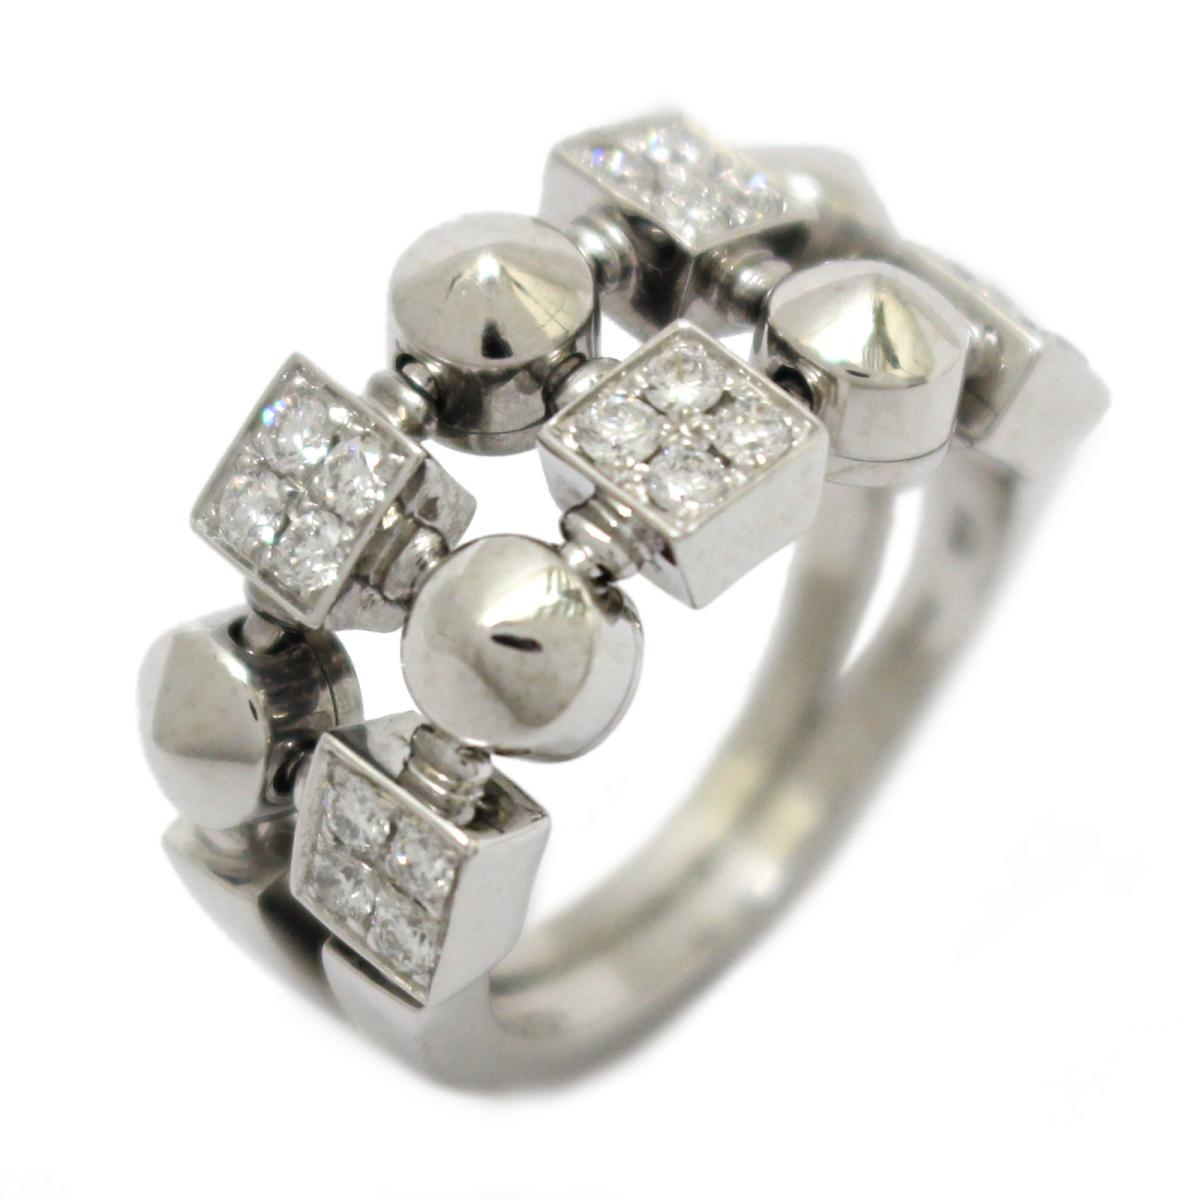 ブルガリ ルチア ダイヤモンドリング 2ロウ 指輪 ブランドジュエリー レディース K18WG (750) ホワイトゴールド ダイヤモンド (AN851958) 【中古】   ブランド